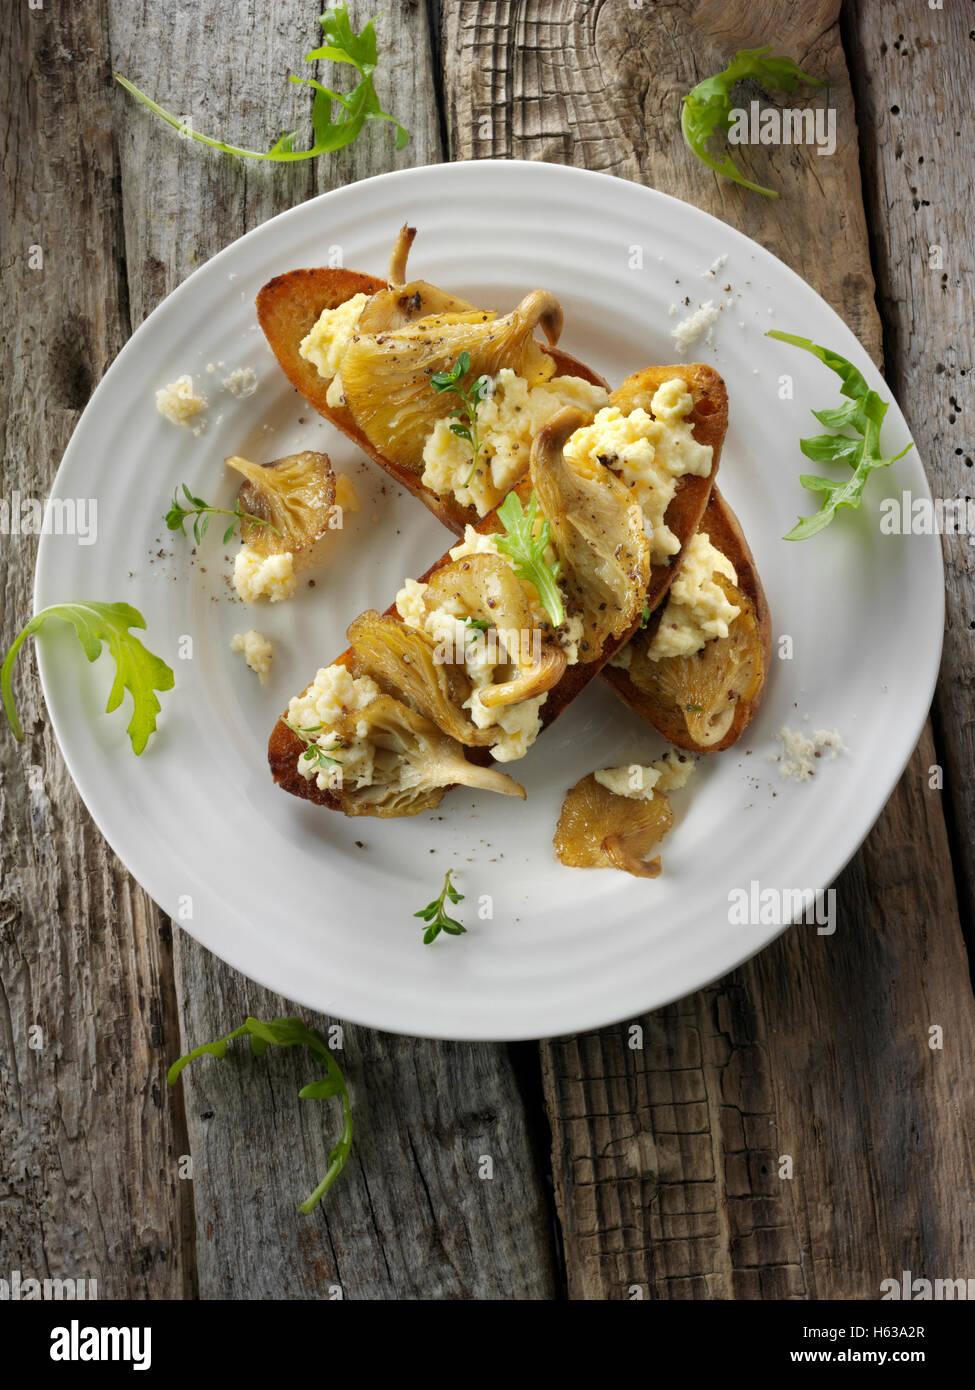 Pleurotes jaunes sautés dans du beurre et servies avec des oeufs au levain scambled sur toast avec wild rocket Photo Stock